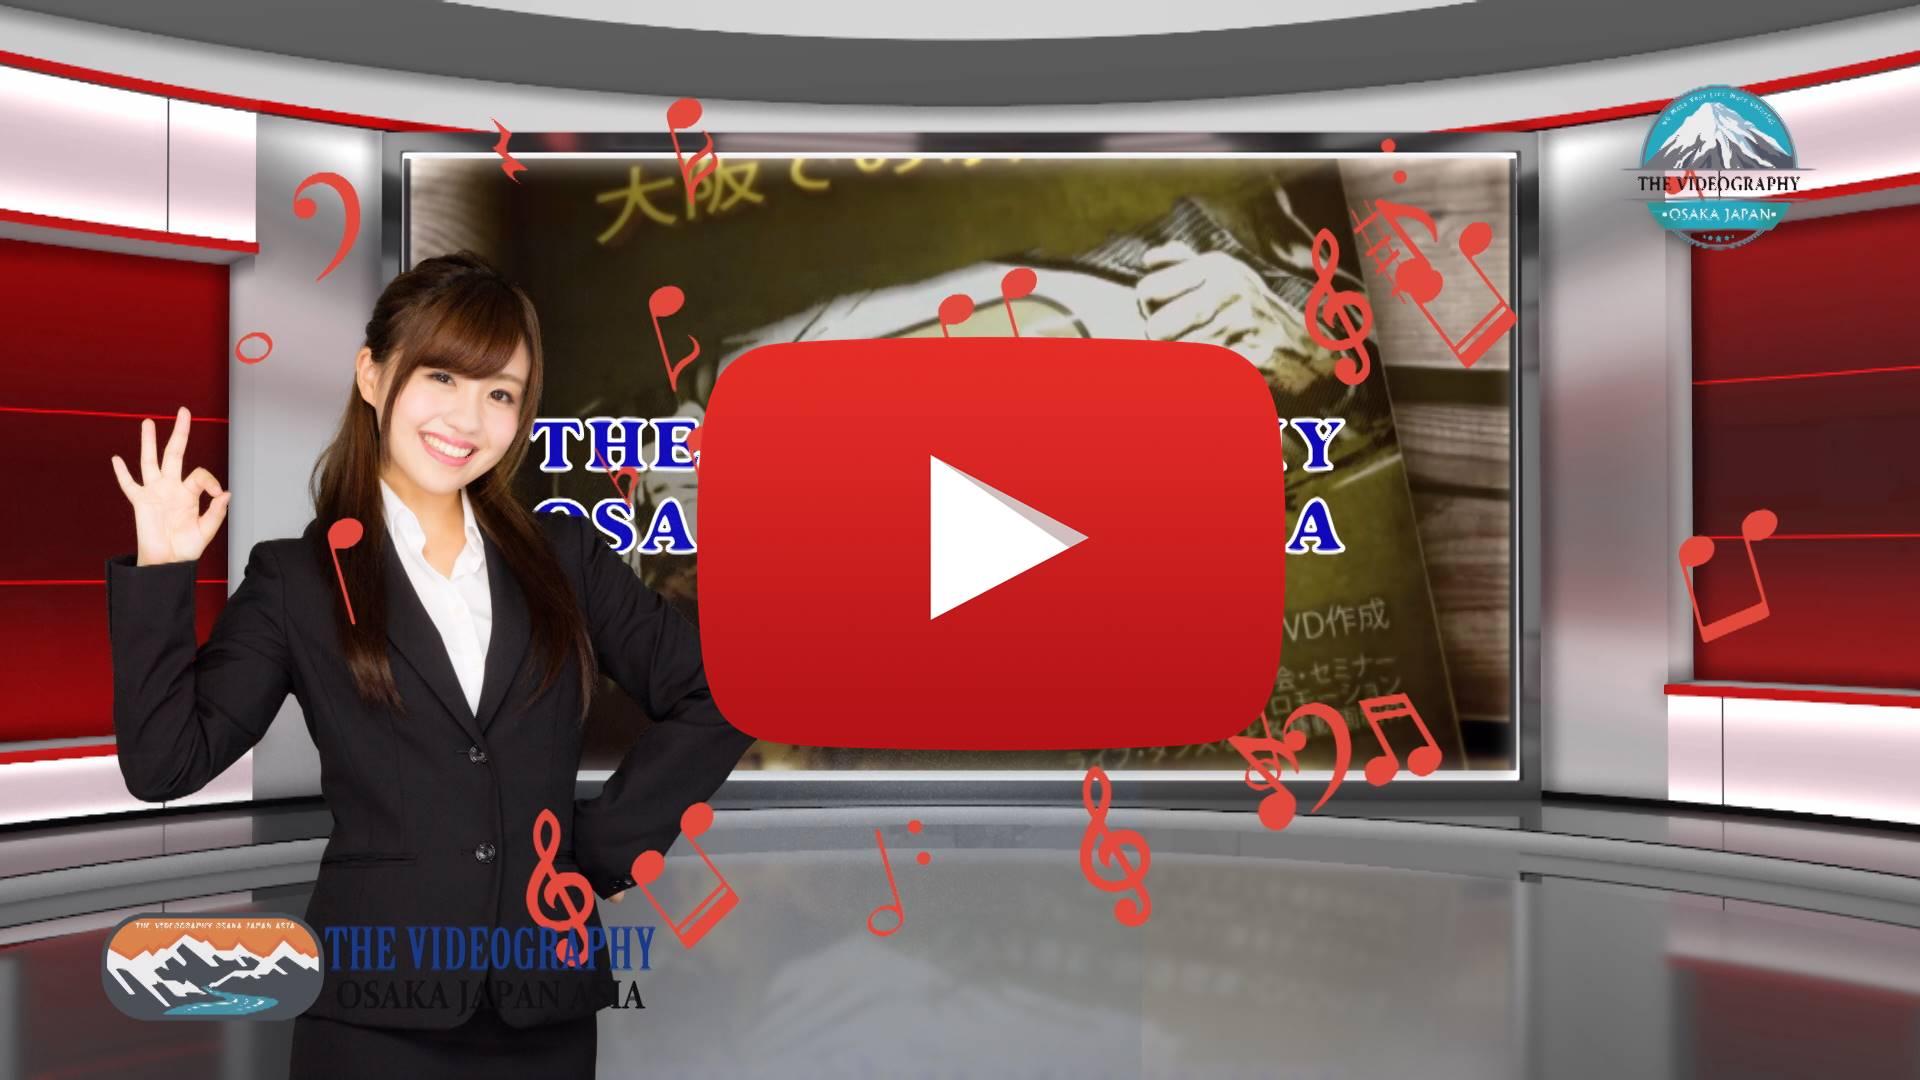 ビデオグラフィ - クロマキー合成映像の作成やYouTube Ustream ニコニコ動画のライブ動画配信/生中継/ストリーミング配信